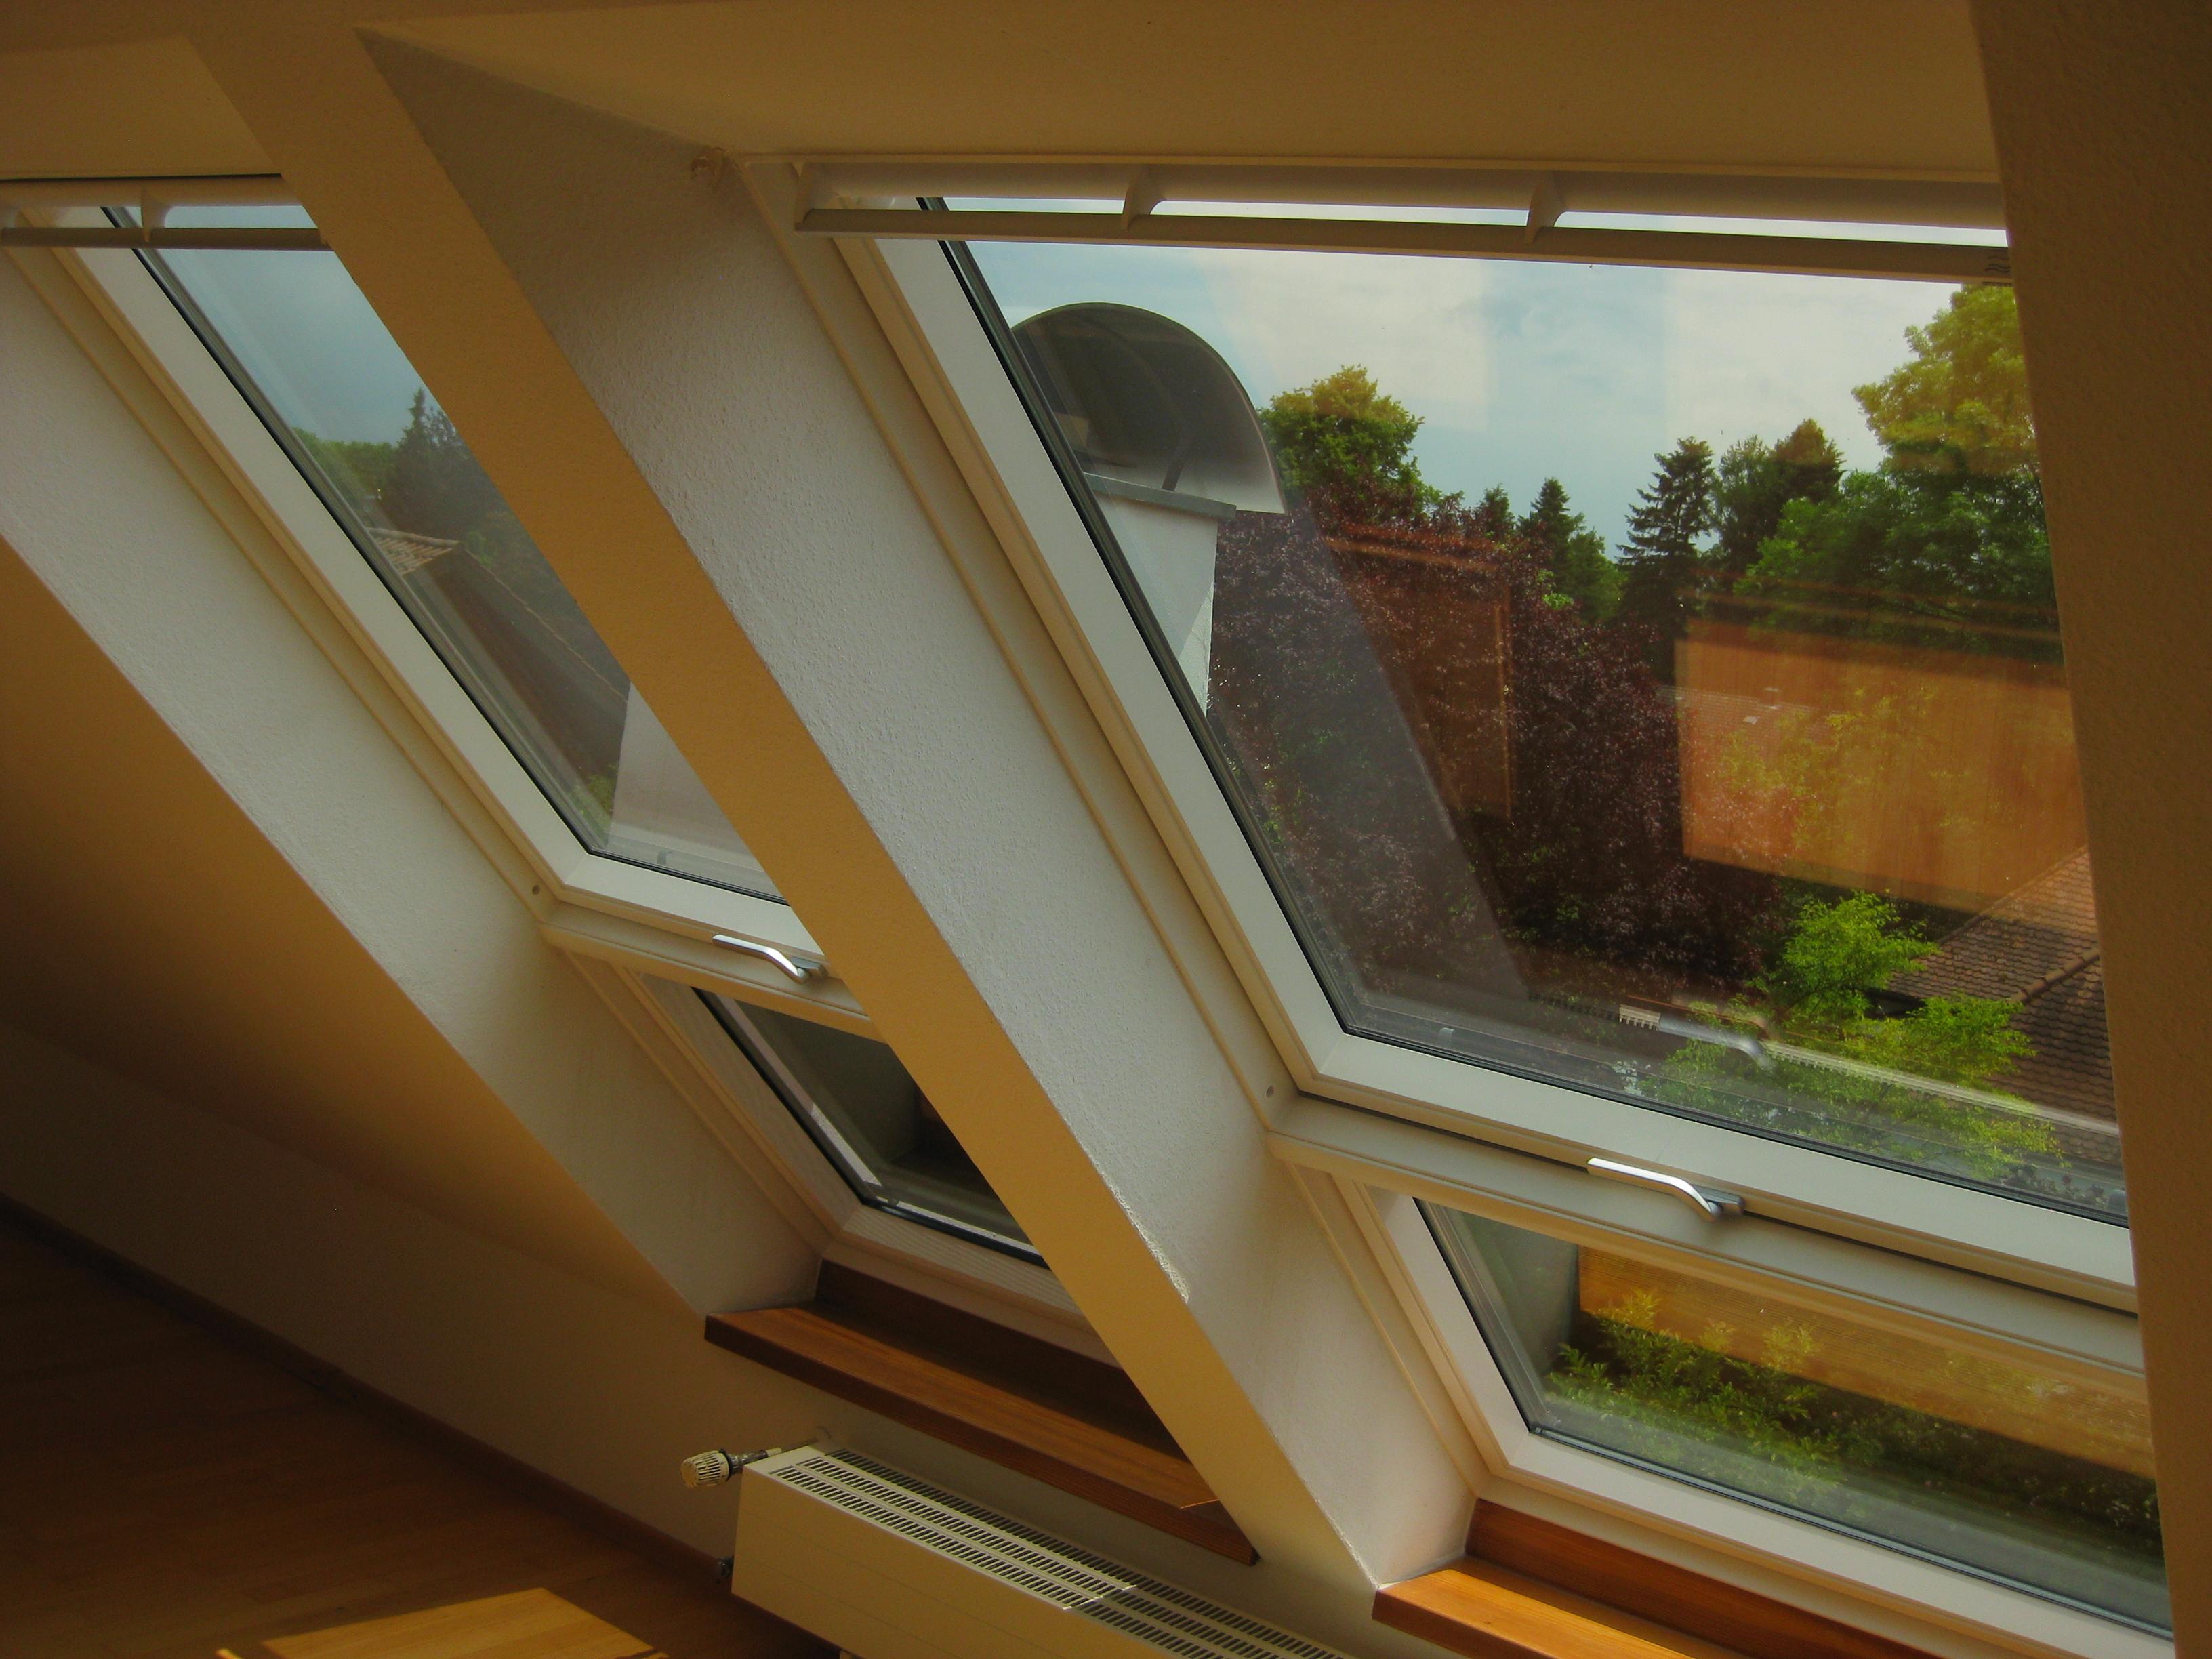 dachfenster lichtband austausch zmg dieter g nther. Black Bedroom Furniture Sets. Home Design Ideas